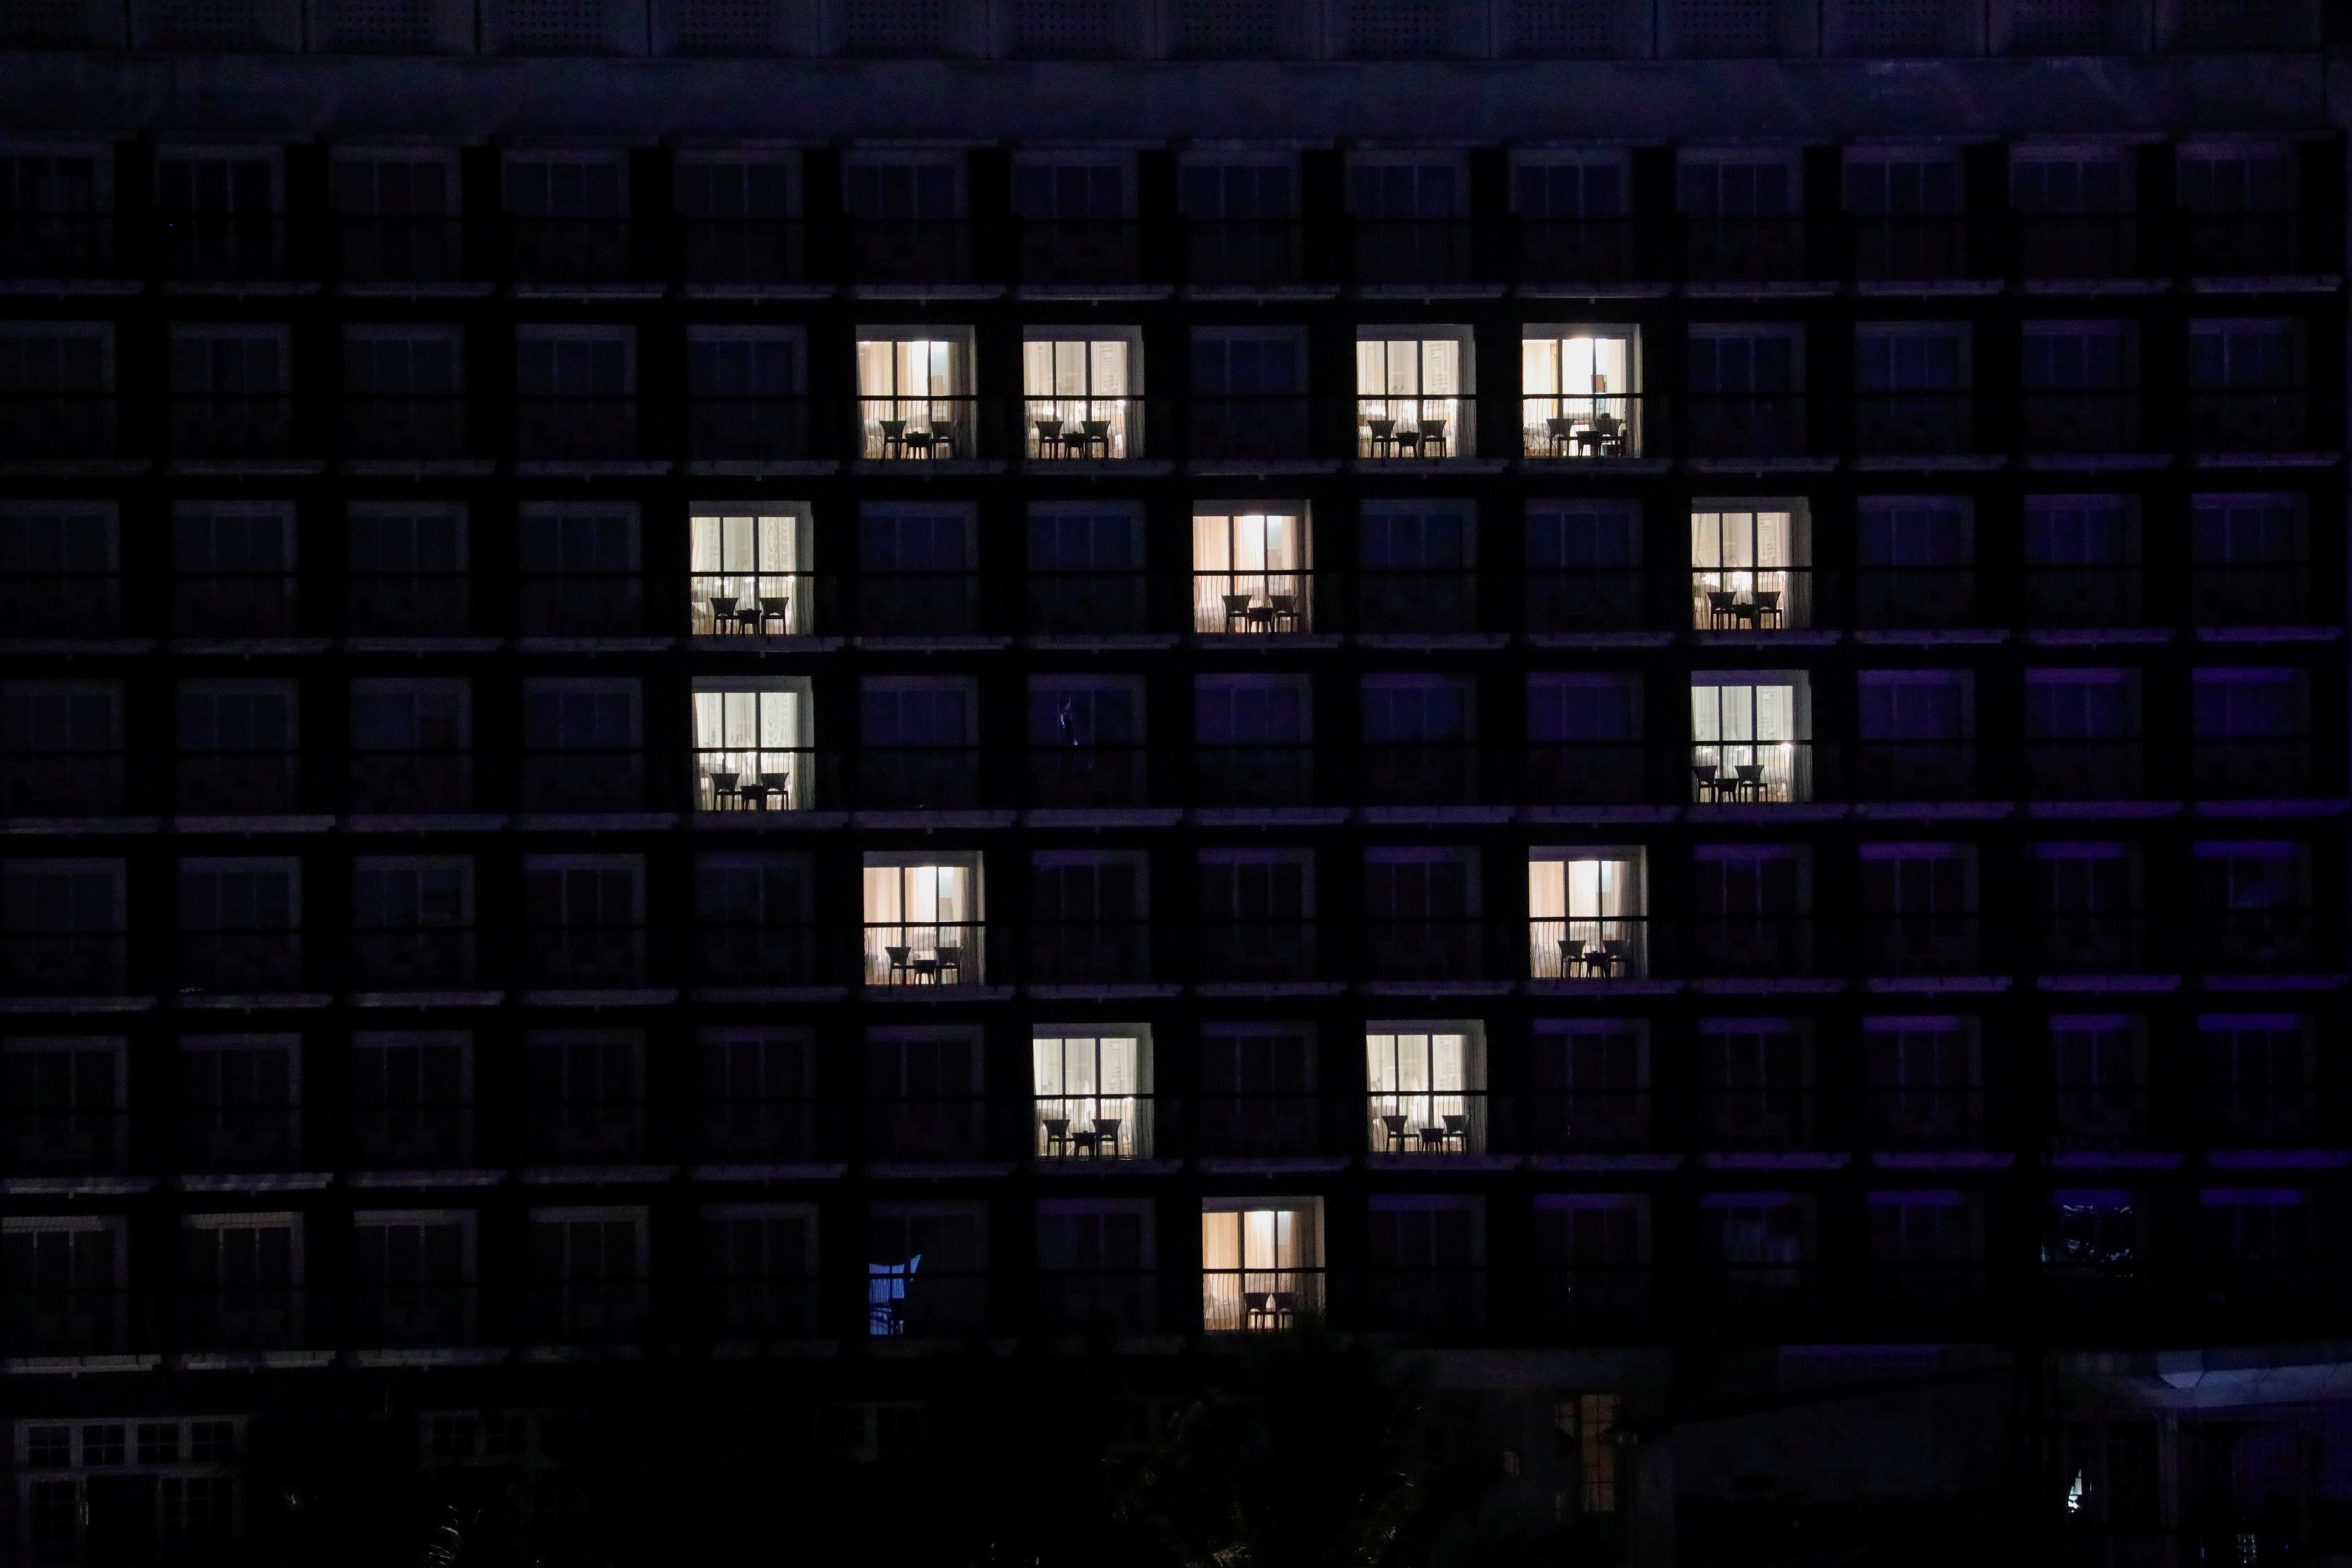 Las habitaciones del hotel 101 de Bogor, Indonesia, iluminadas para dibujar un corazón dedicado a los trabajadores médicos (REUTERS/Willy Kurniawan)